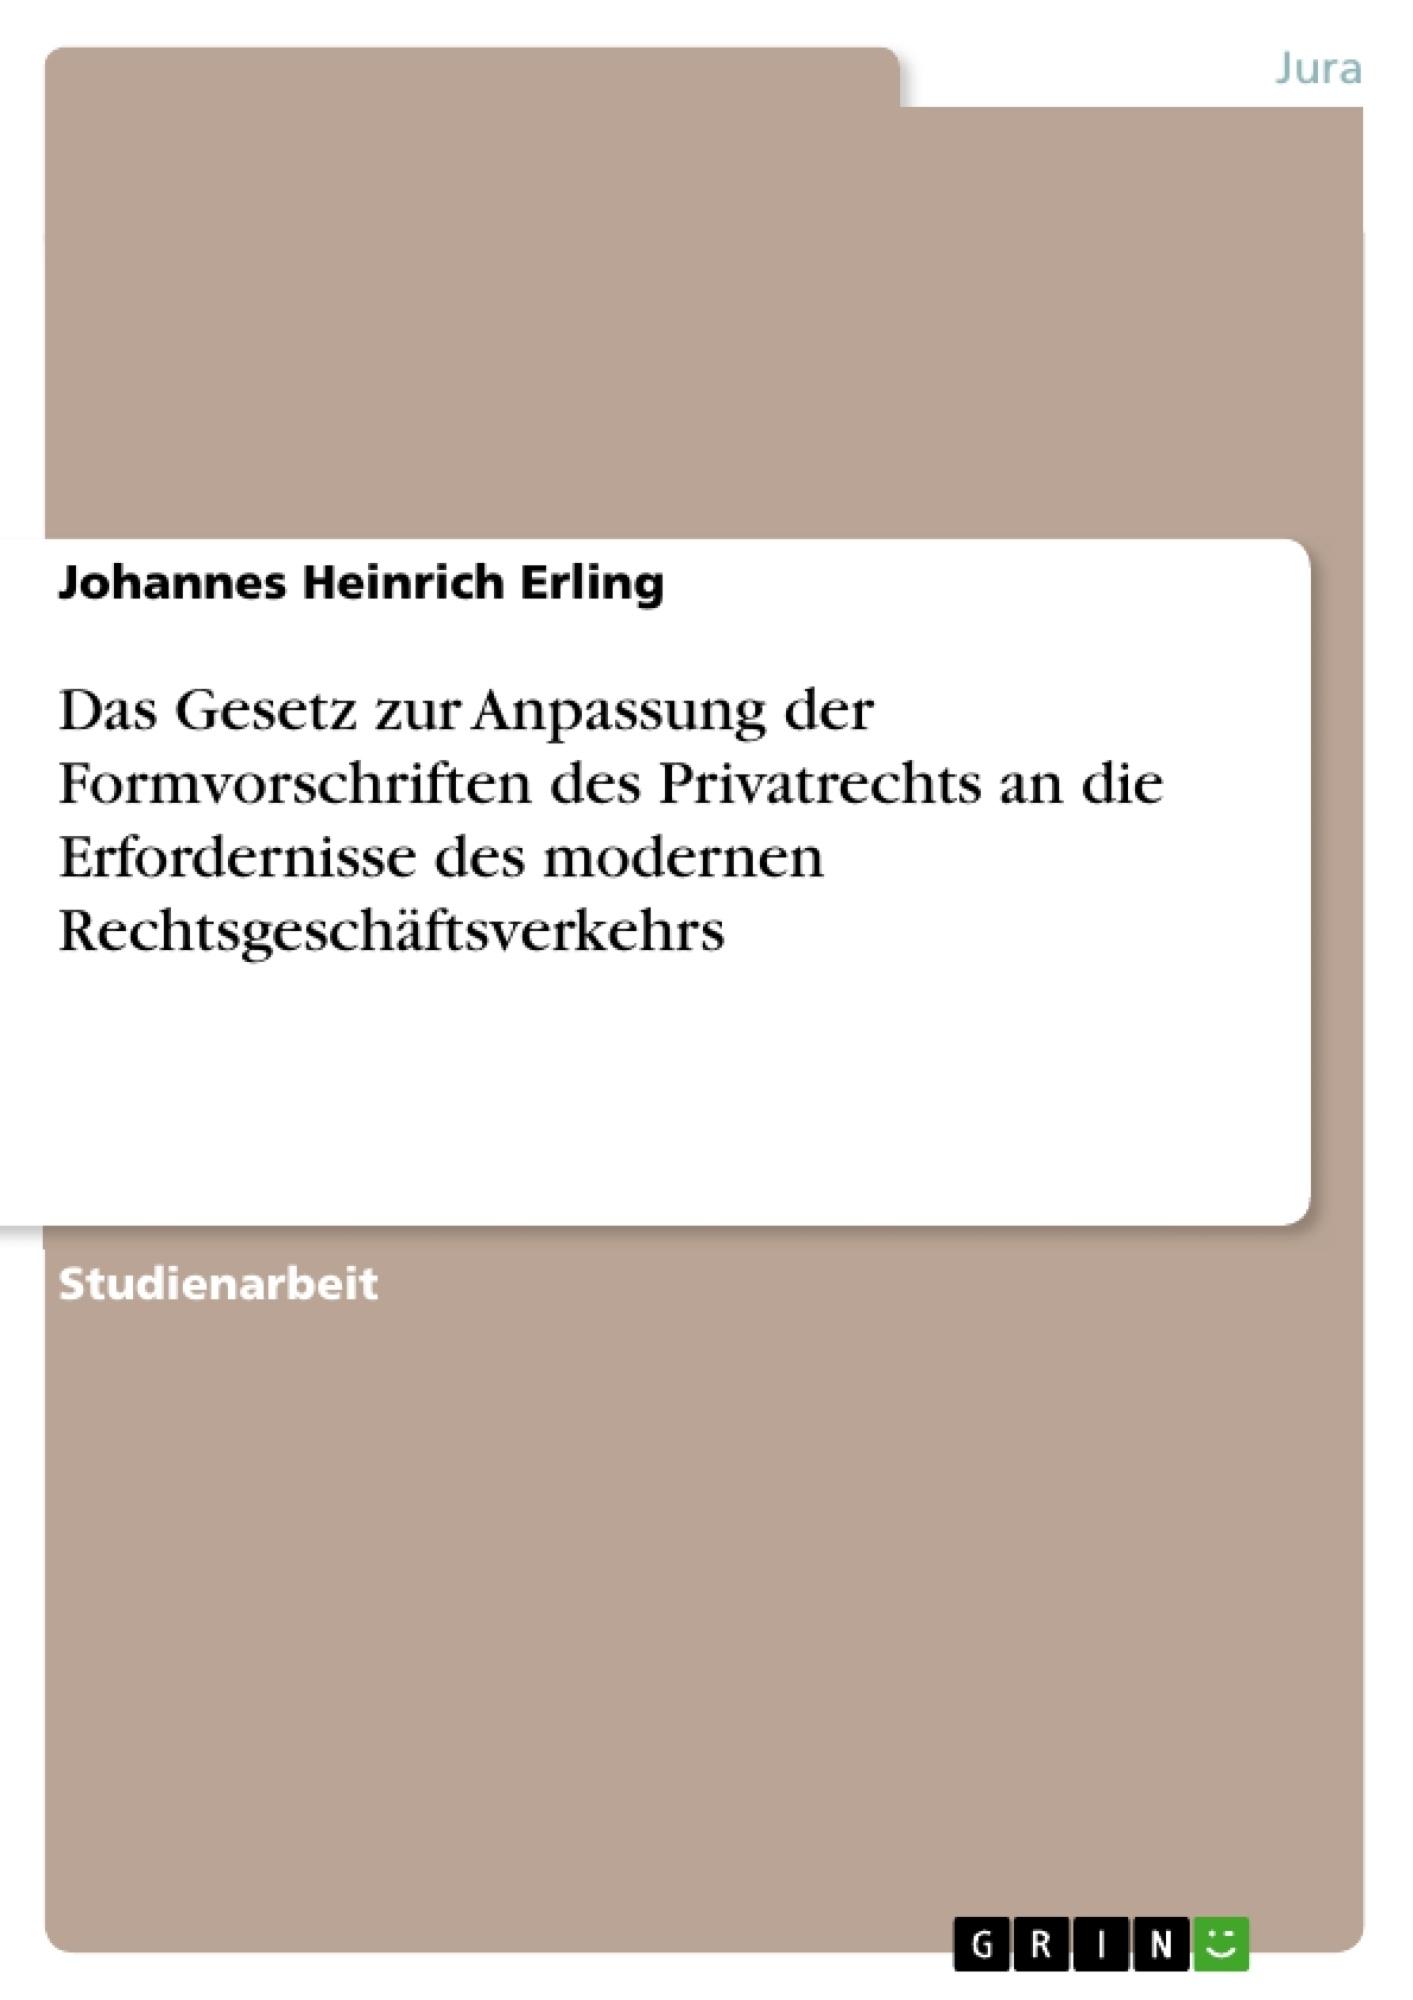 Titel: Das Gesetz zur Anpassung der Formvorschriften des Privatrechts an die Erfordernisse des modernen Rechtsgeschäftsverkehrs